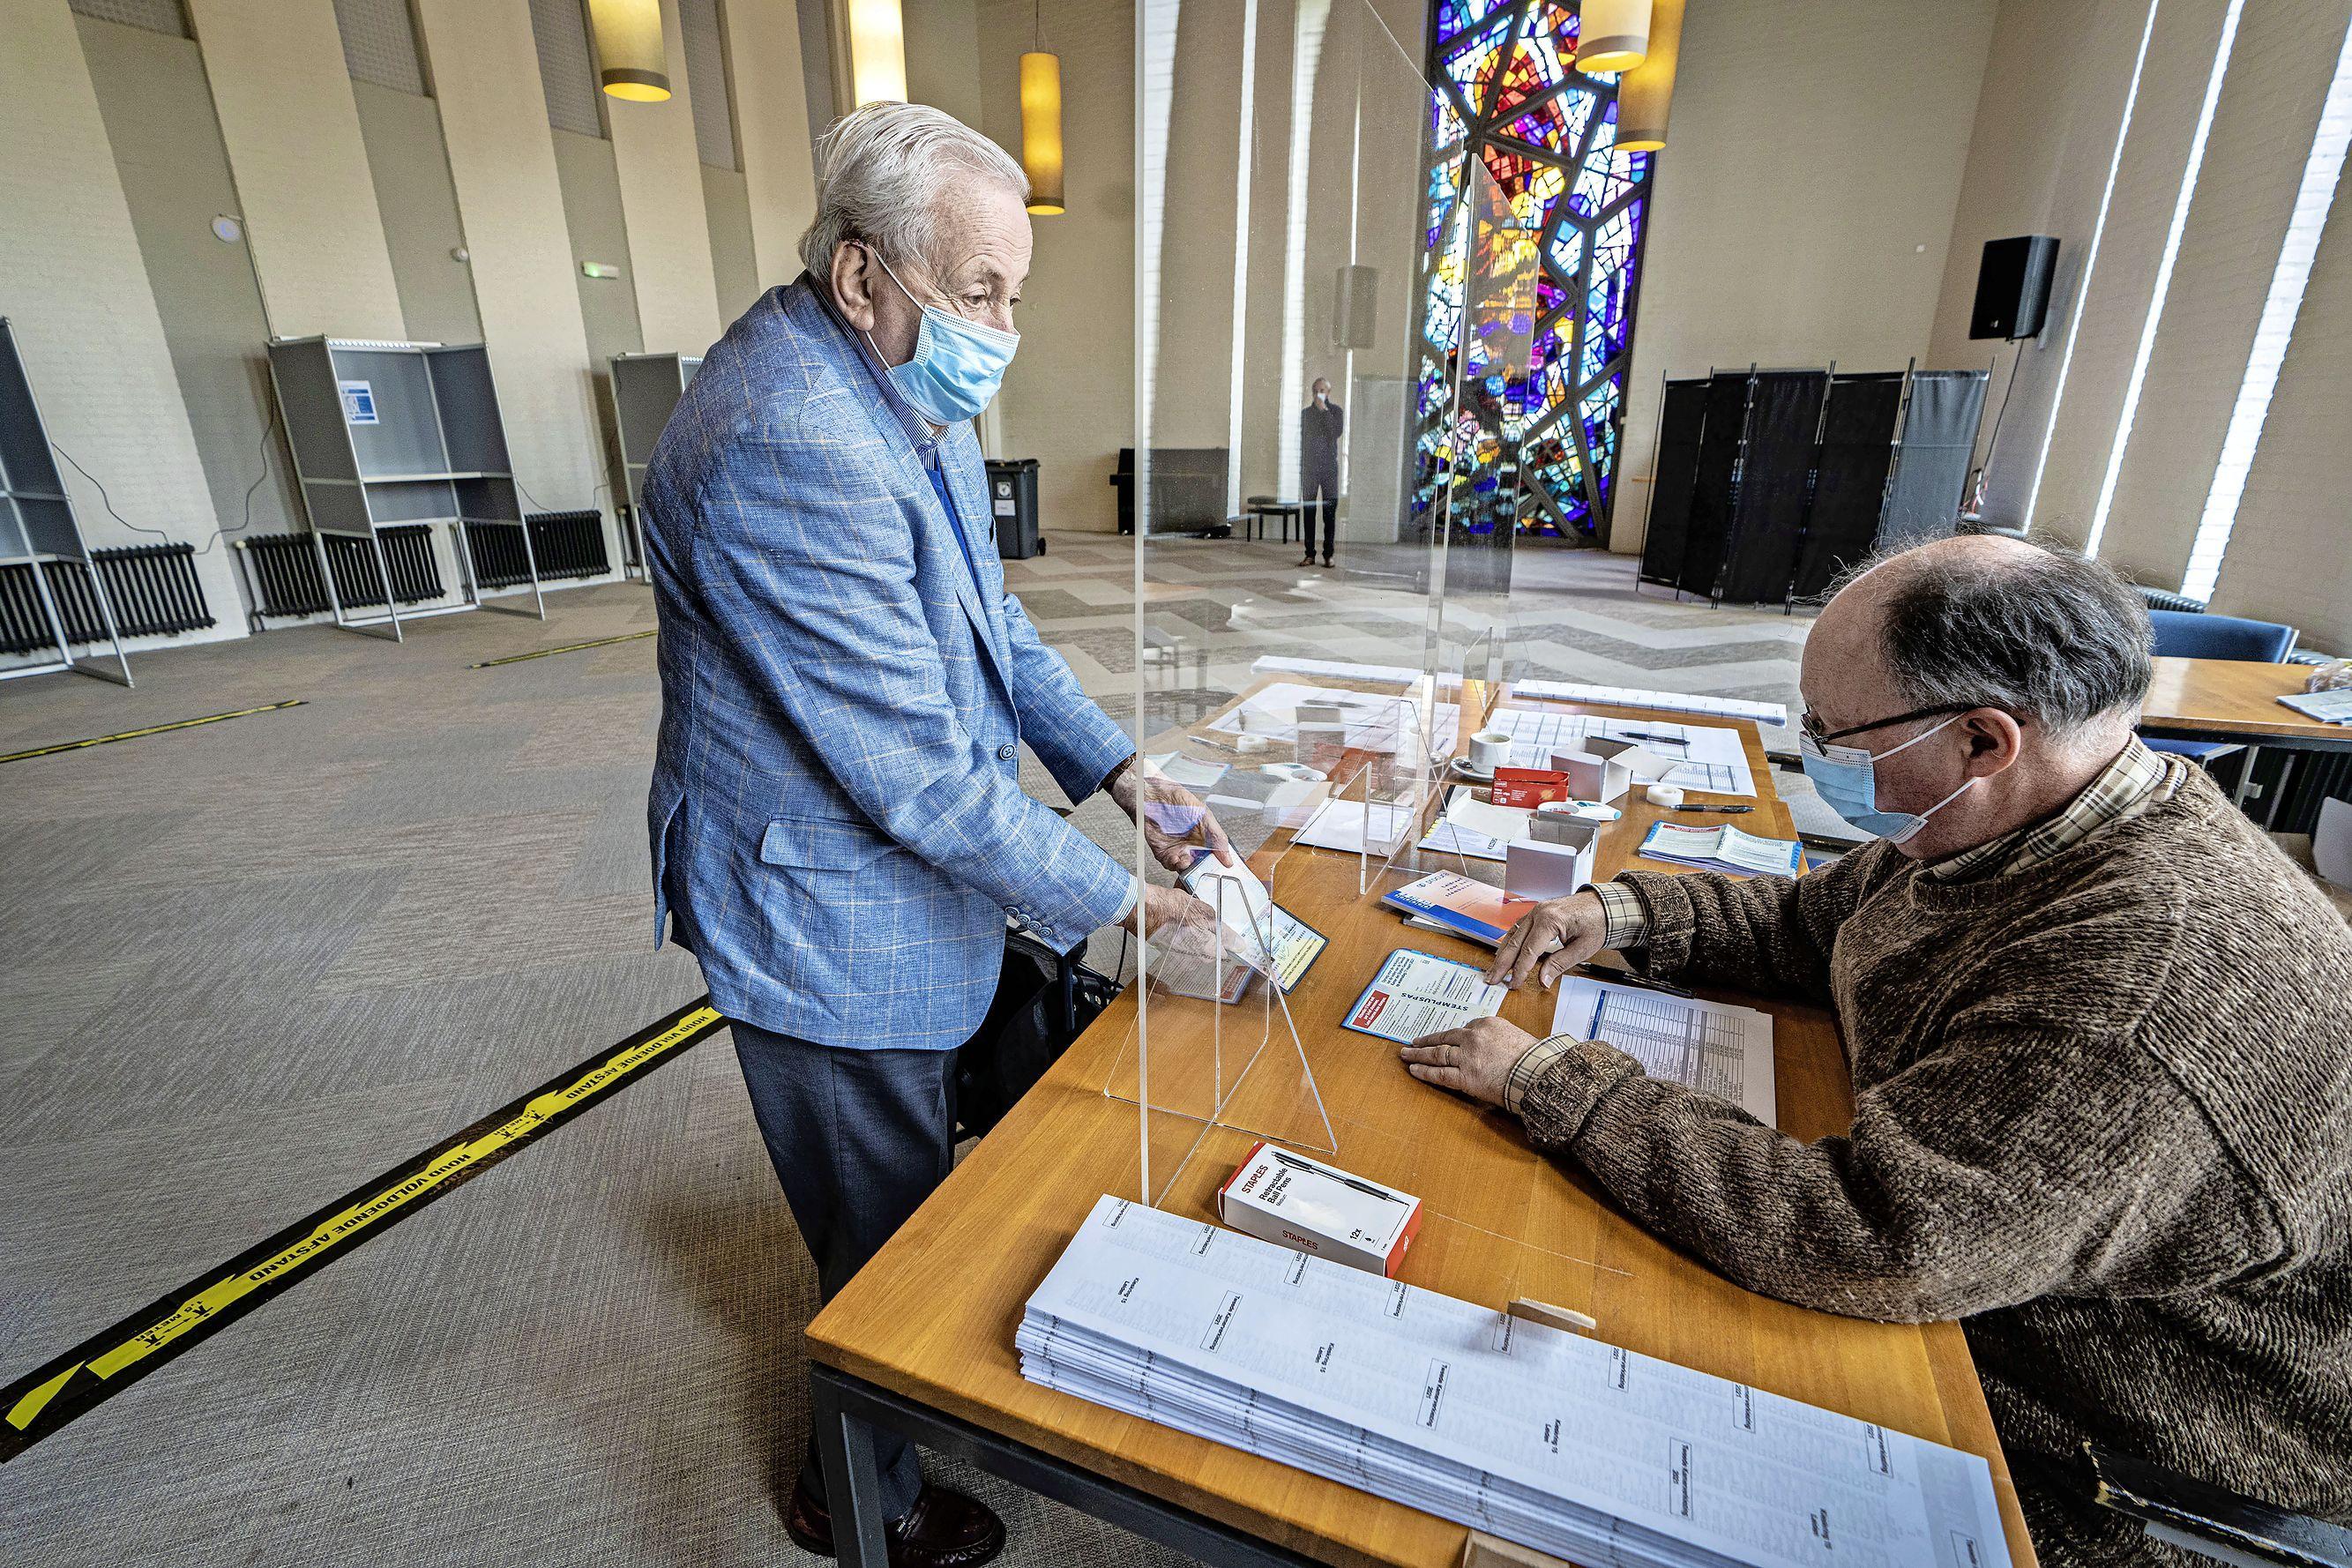 Grote opkomst bij de stembureaus in Oegstgeest: 'Drie dagen stemmen moeten ze altijd doen'